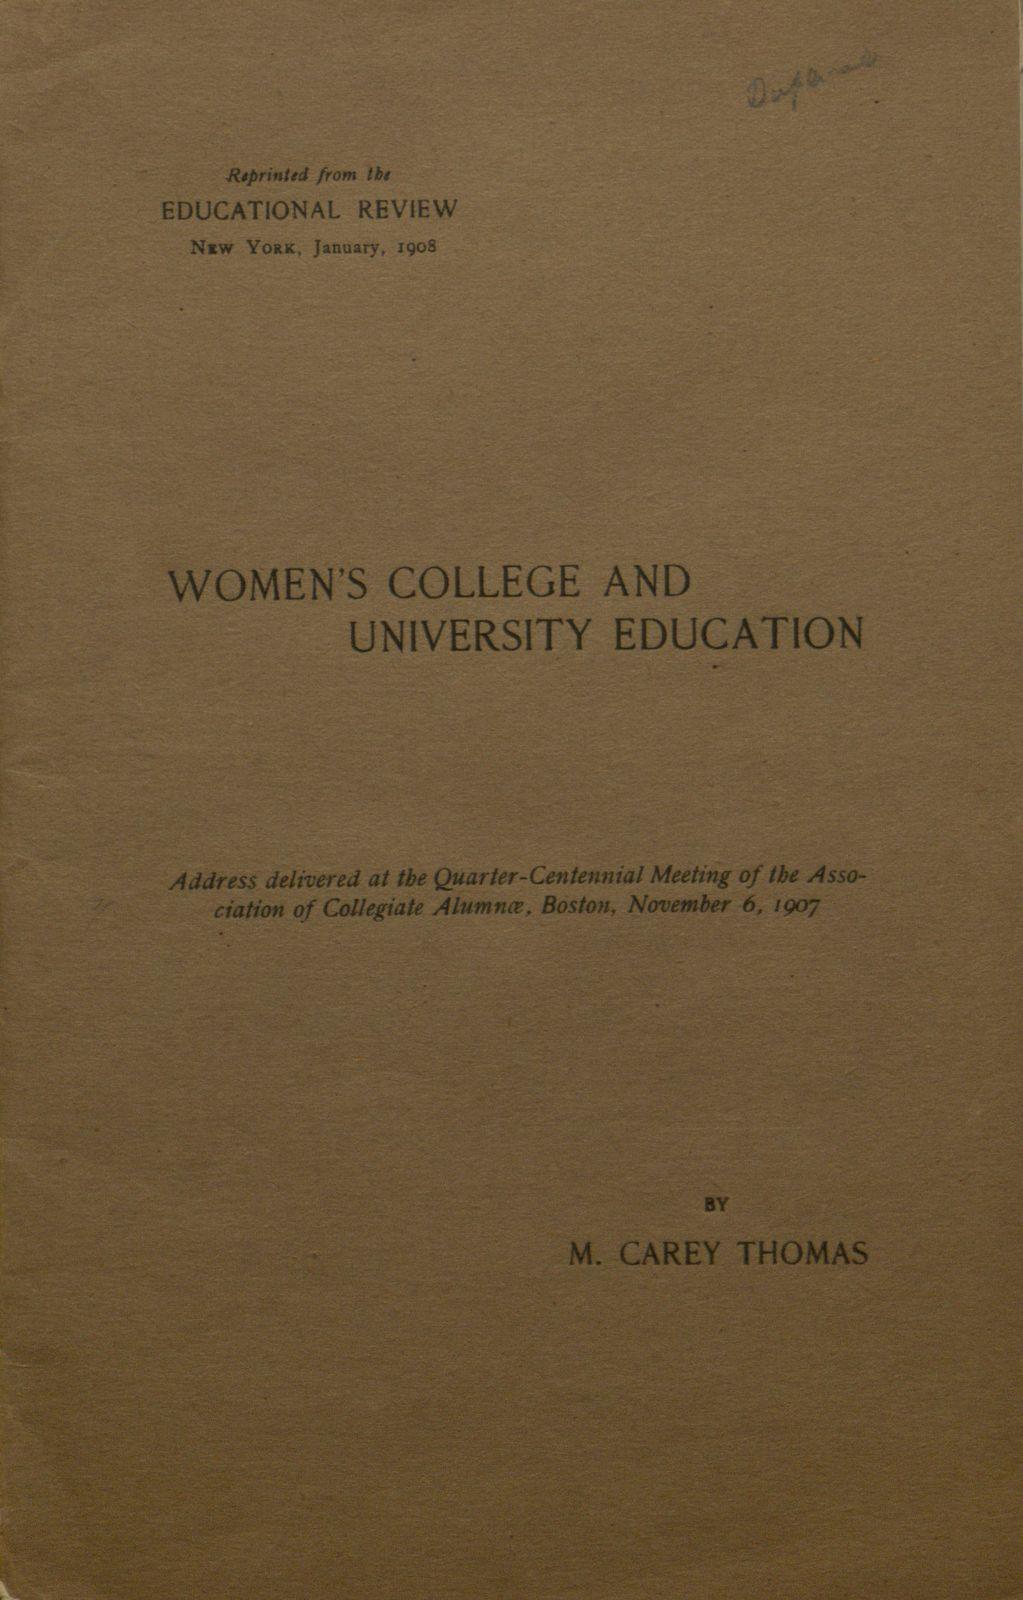 1DD2.15.11.14_WomensCollegeUniversityEducationFN-000000.jpg